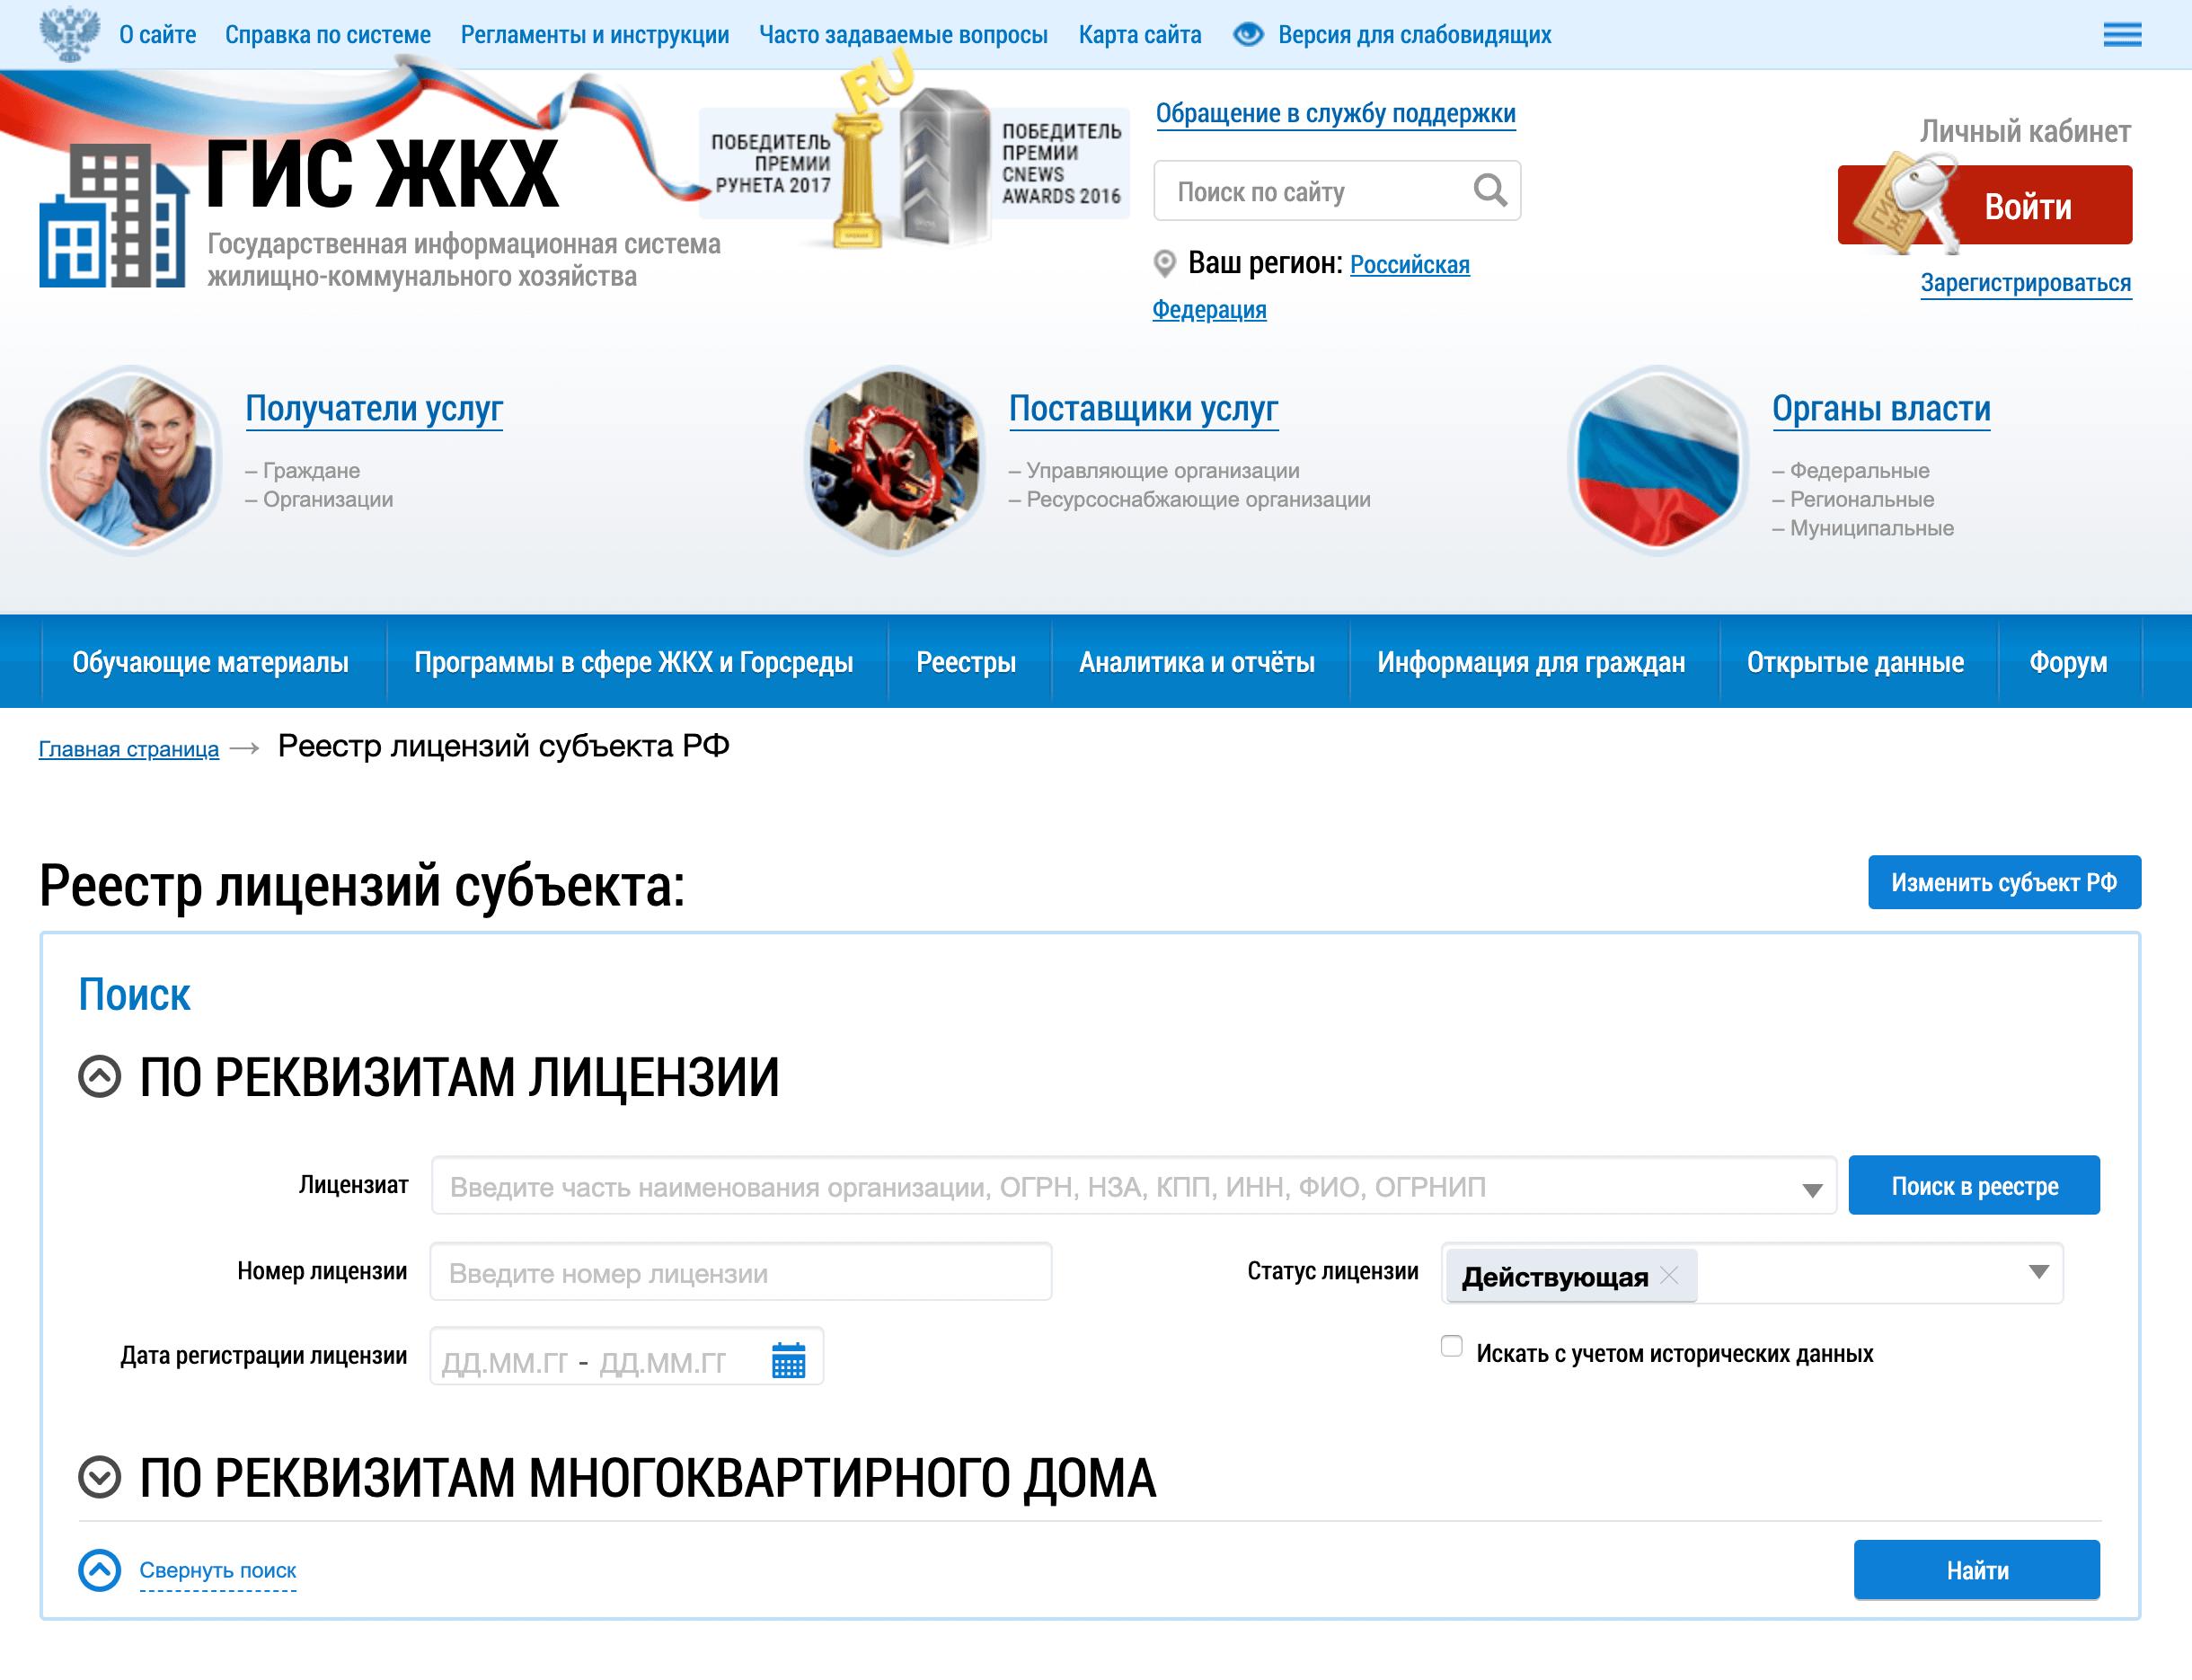 В появившемся окне выберите «Изменить субъект РФ»